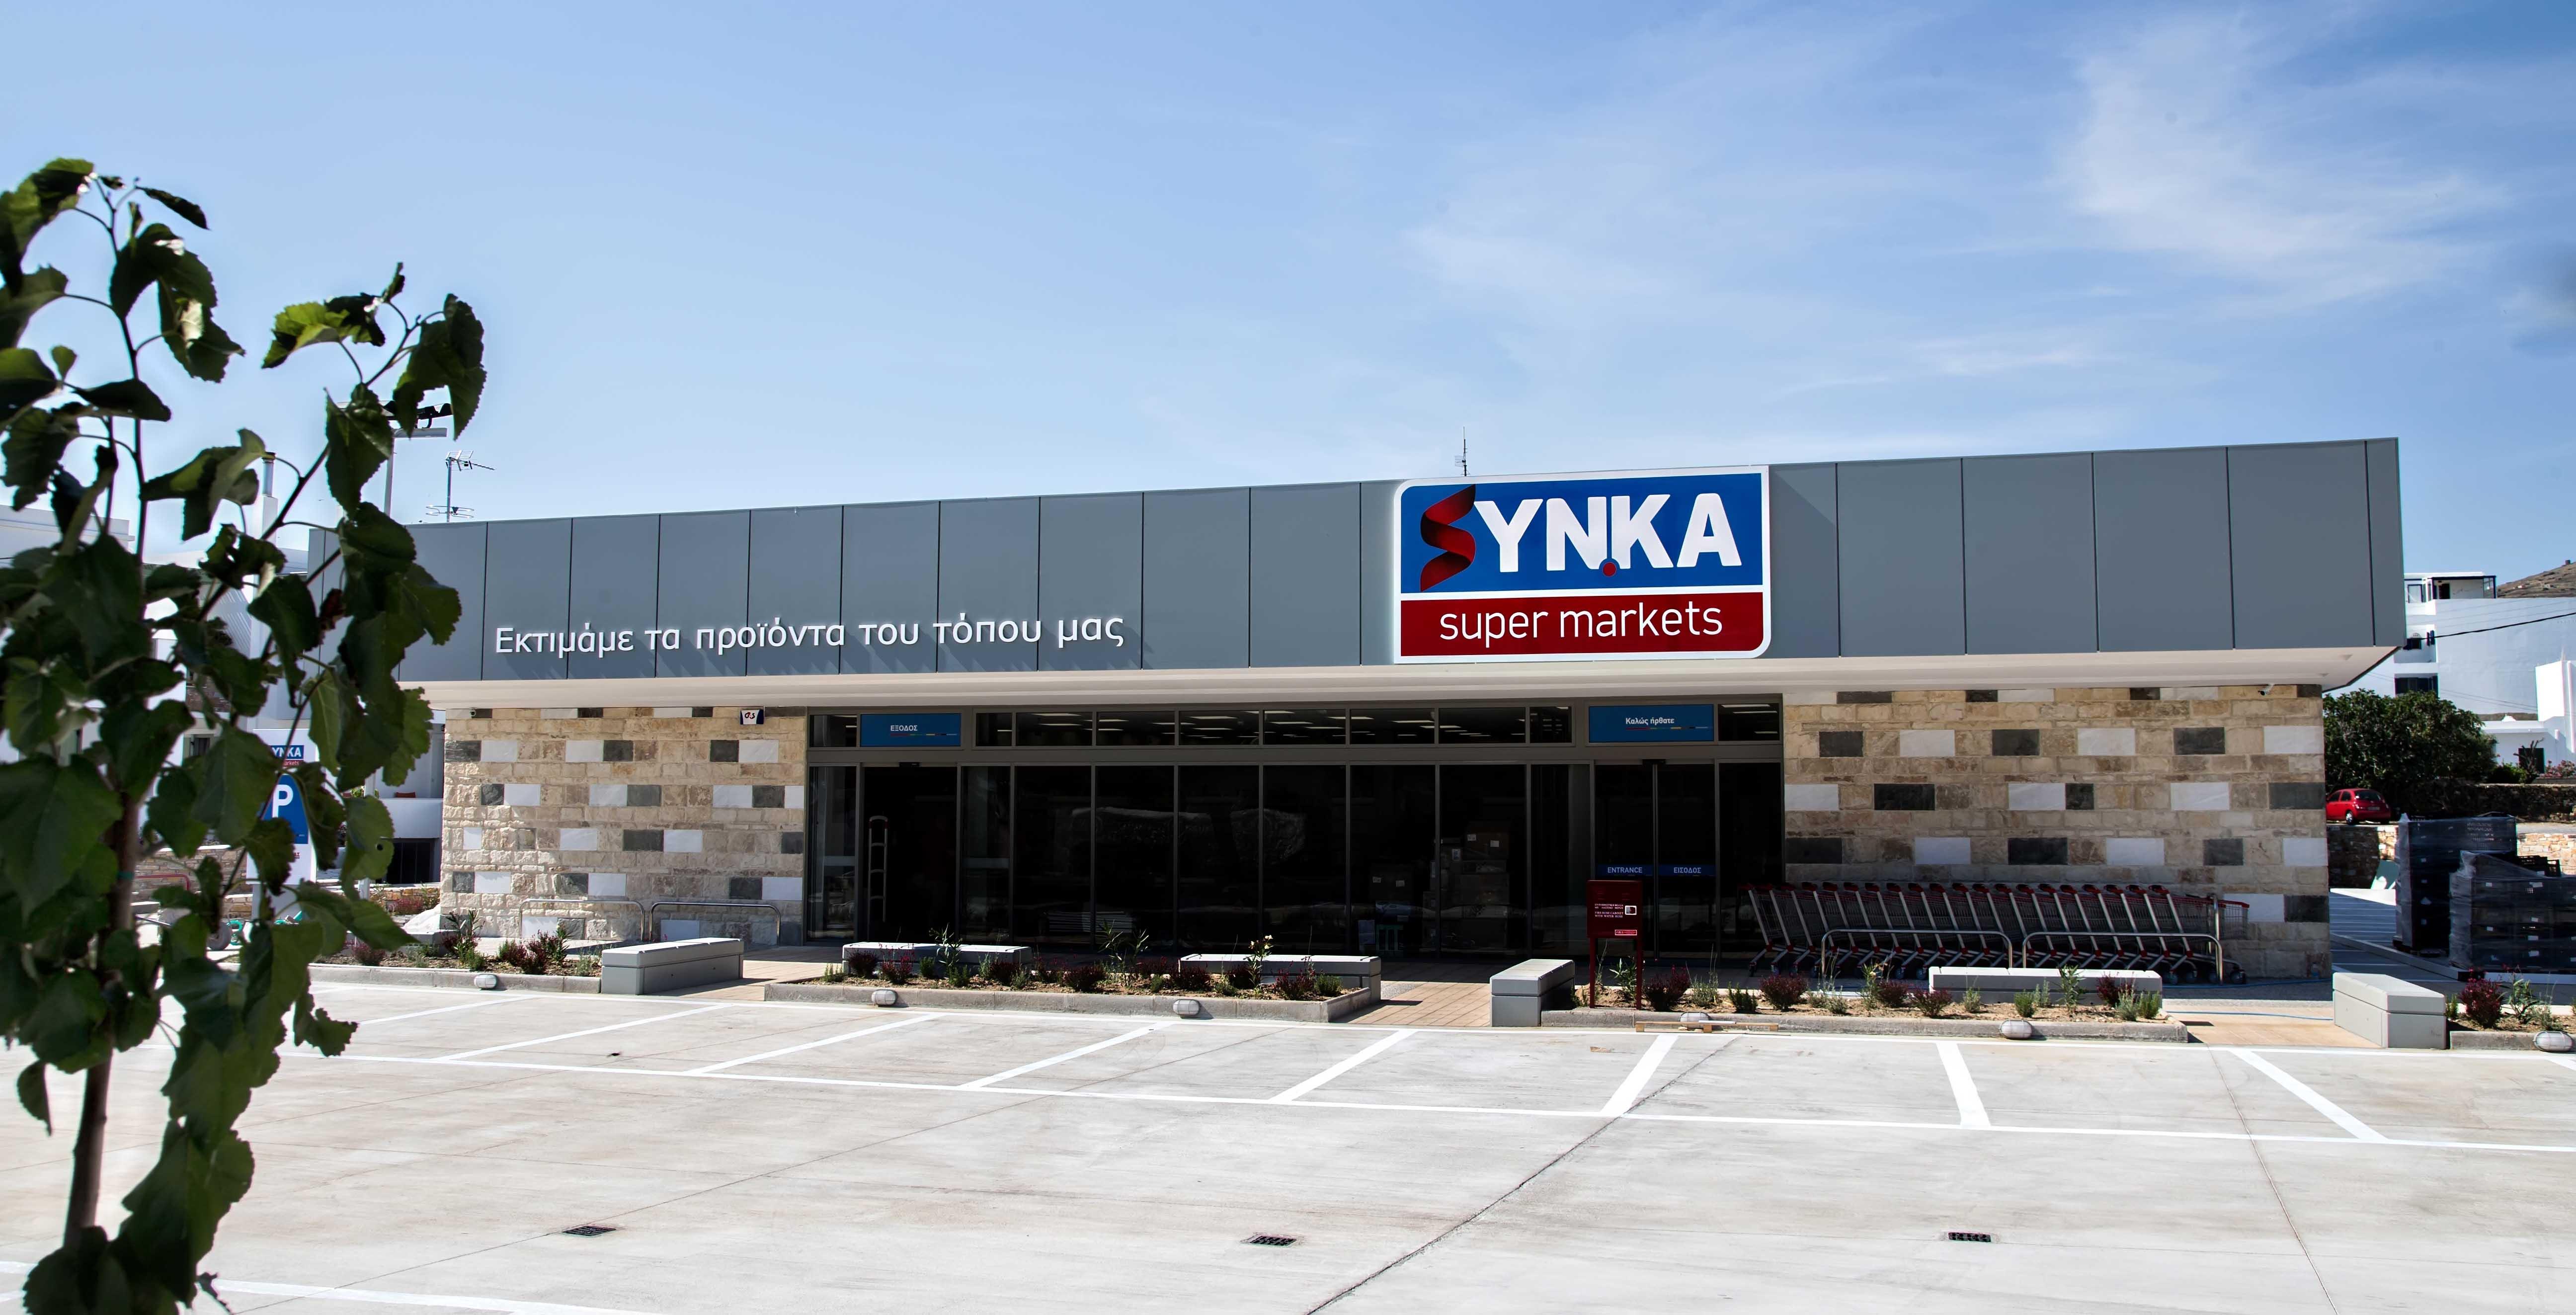 67a887093fd Άνοιξε κατάστημα super market ΣΥΝΚΑ στην Τήνο! - Flashnews.gr